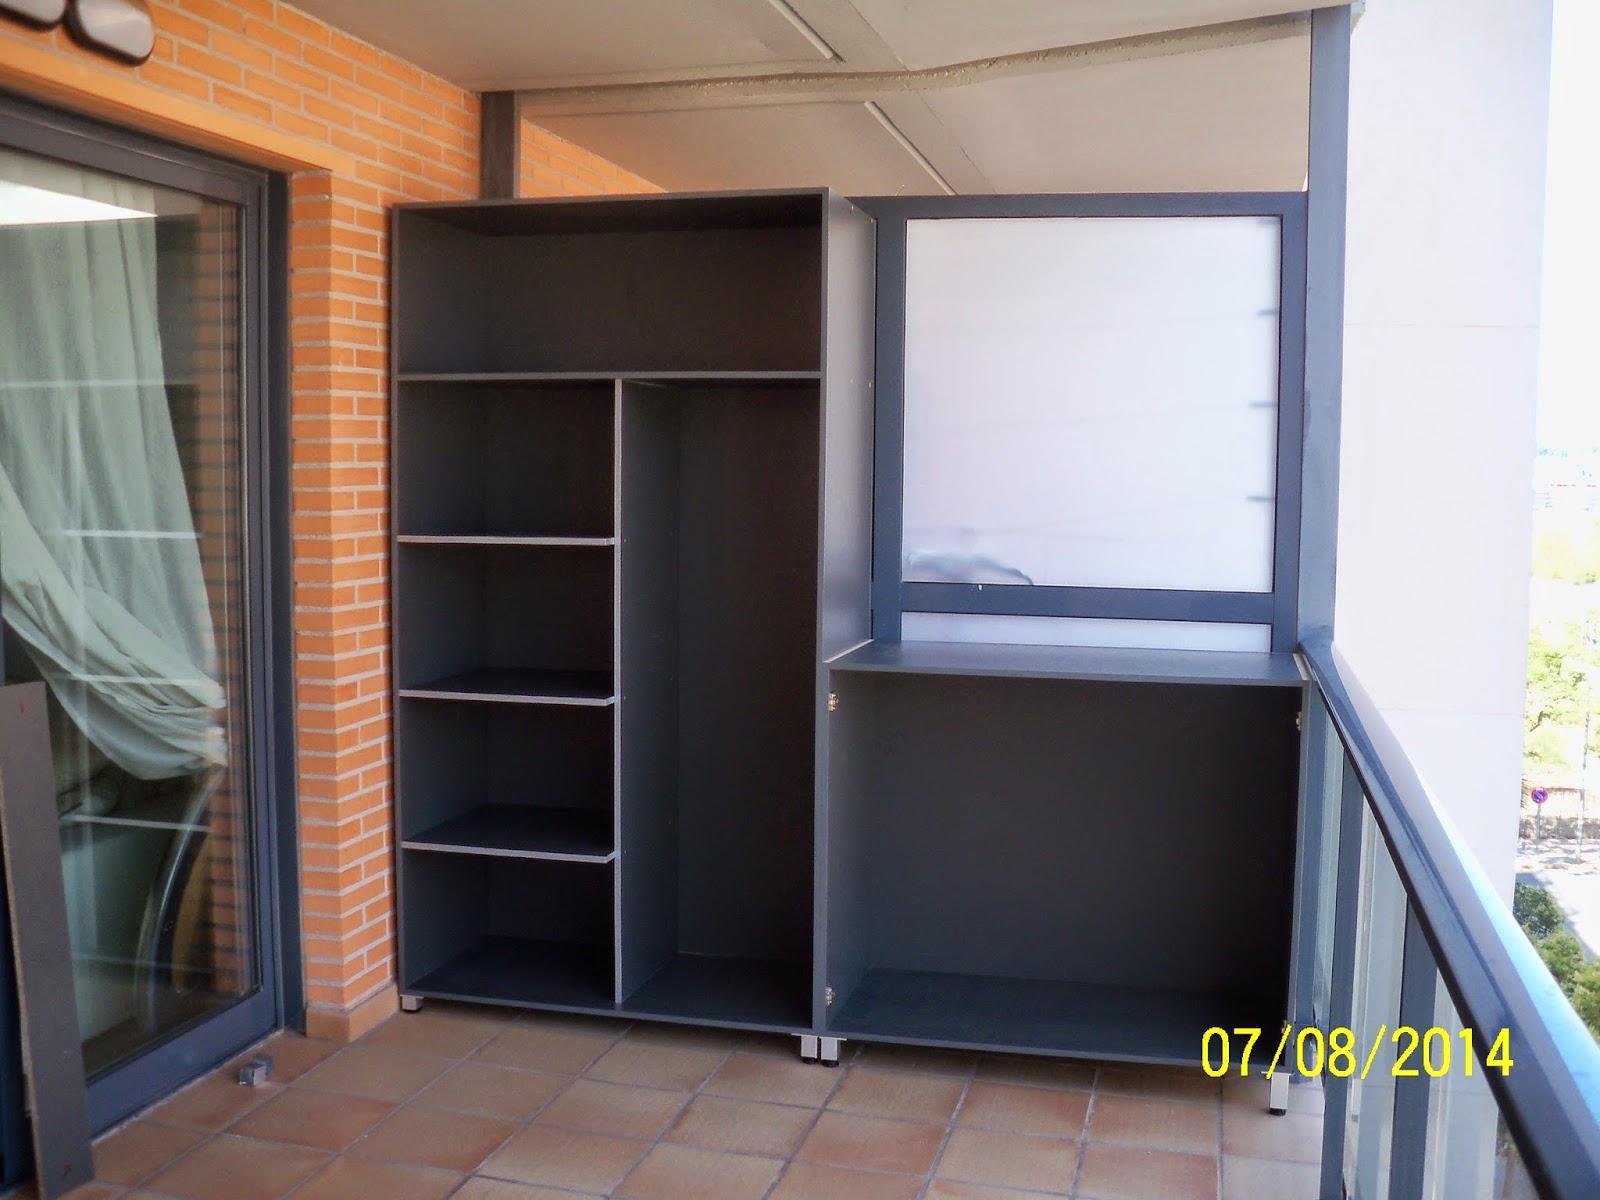 Pepe granell armario modular terraza ebanister a 2014 for Precio armario aluminio terraza